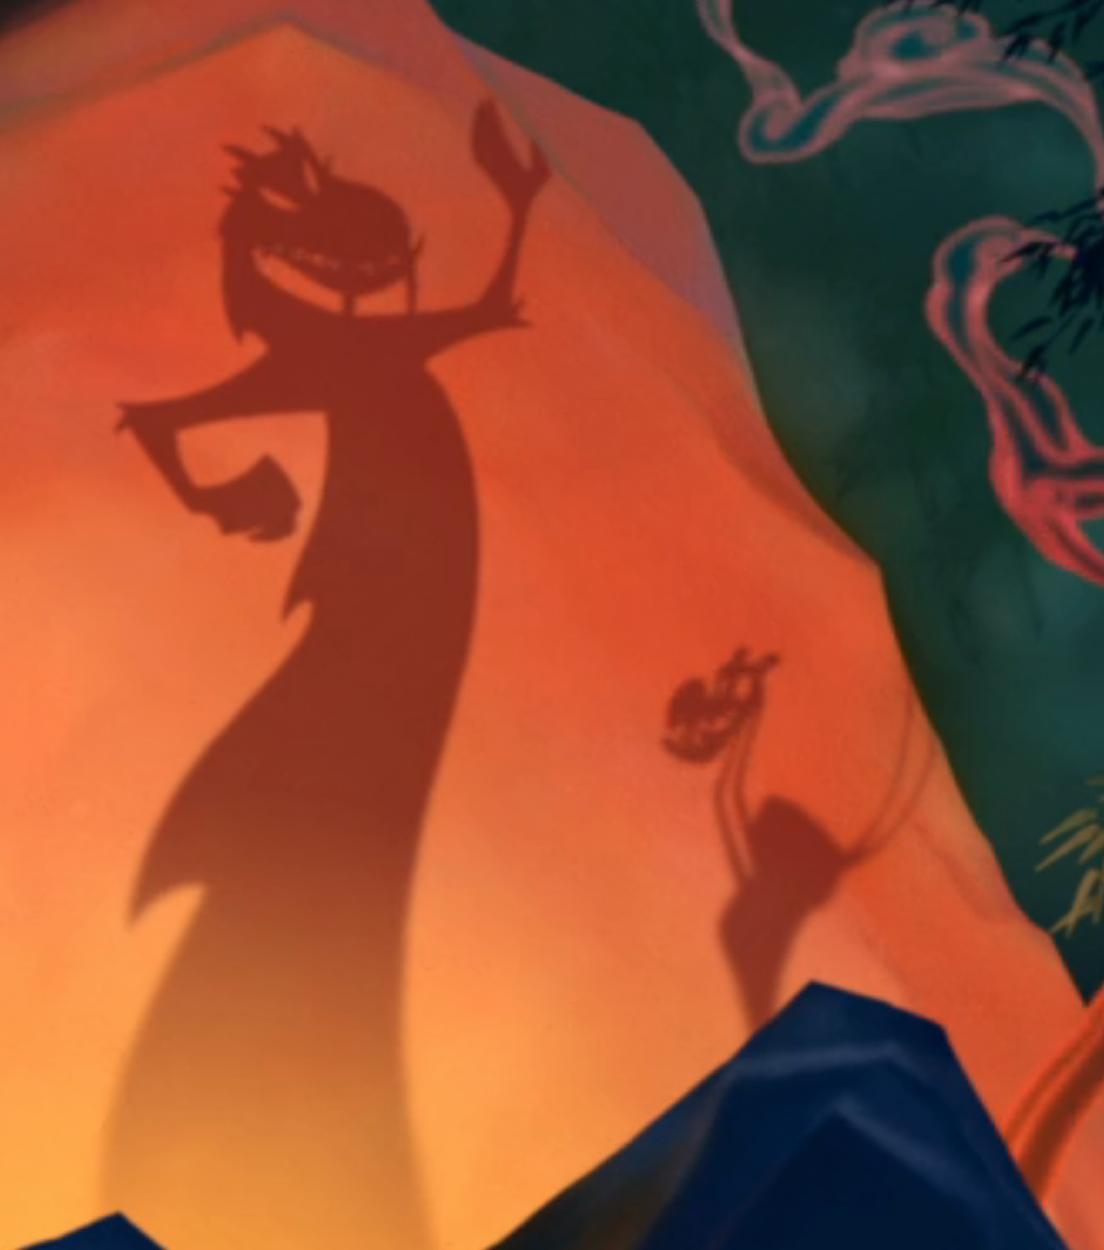 Mulan, Mushu and Crikee